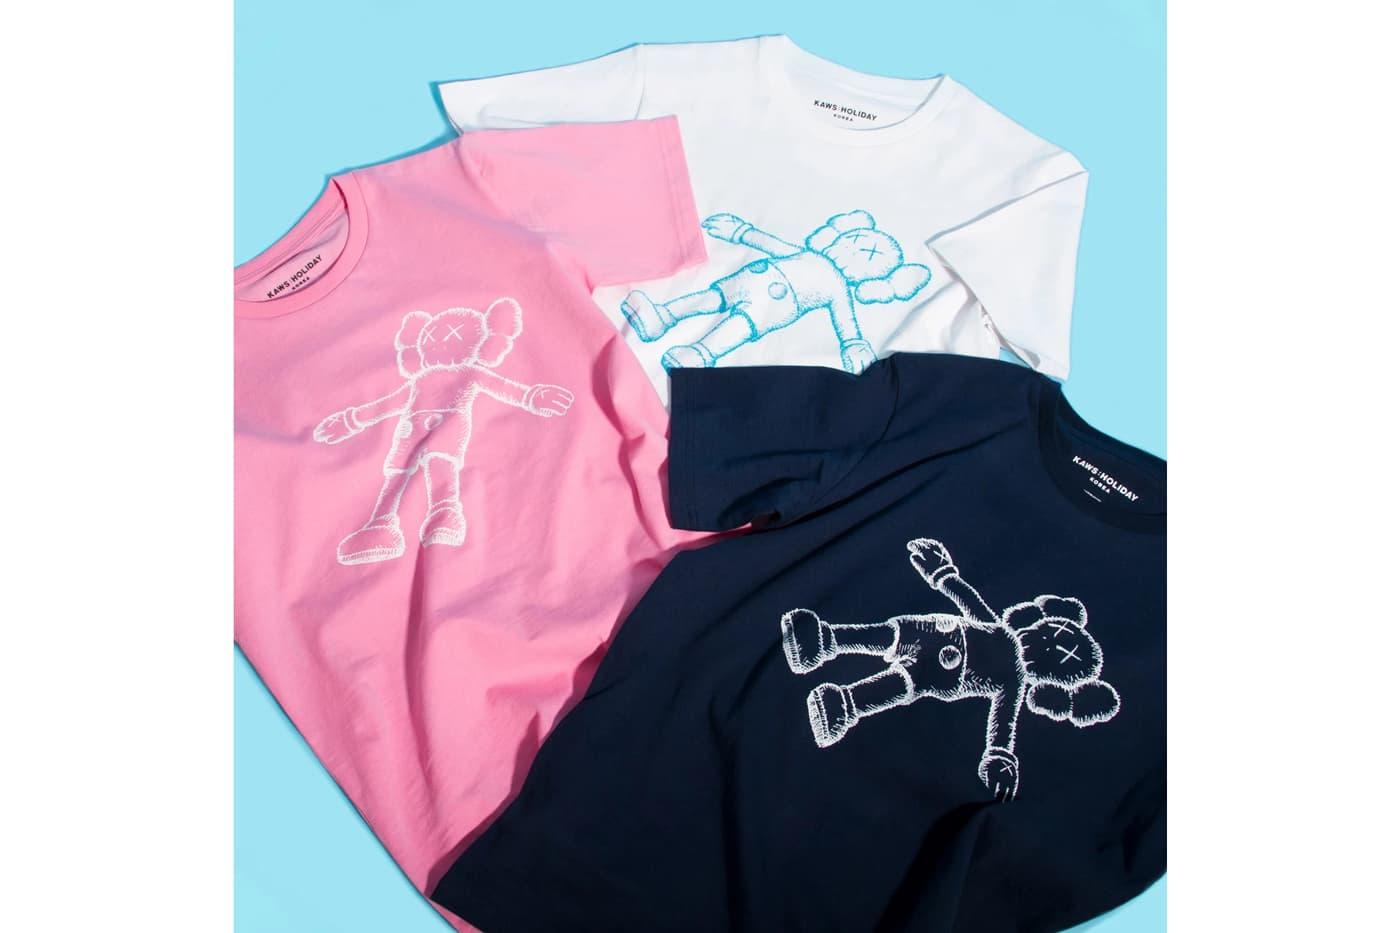 KAWS: ПРАЗДНИК Сеул Seokchon Озеро Корея футболки ВМС Розовый Белый